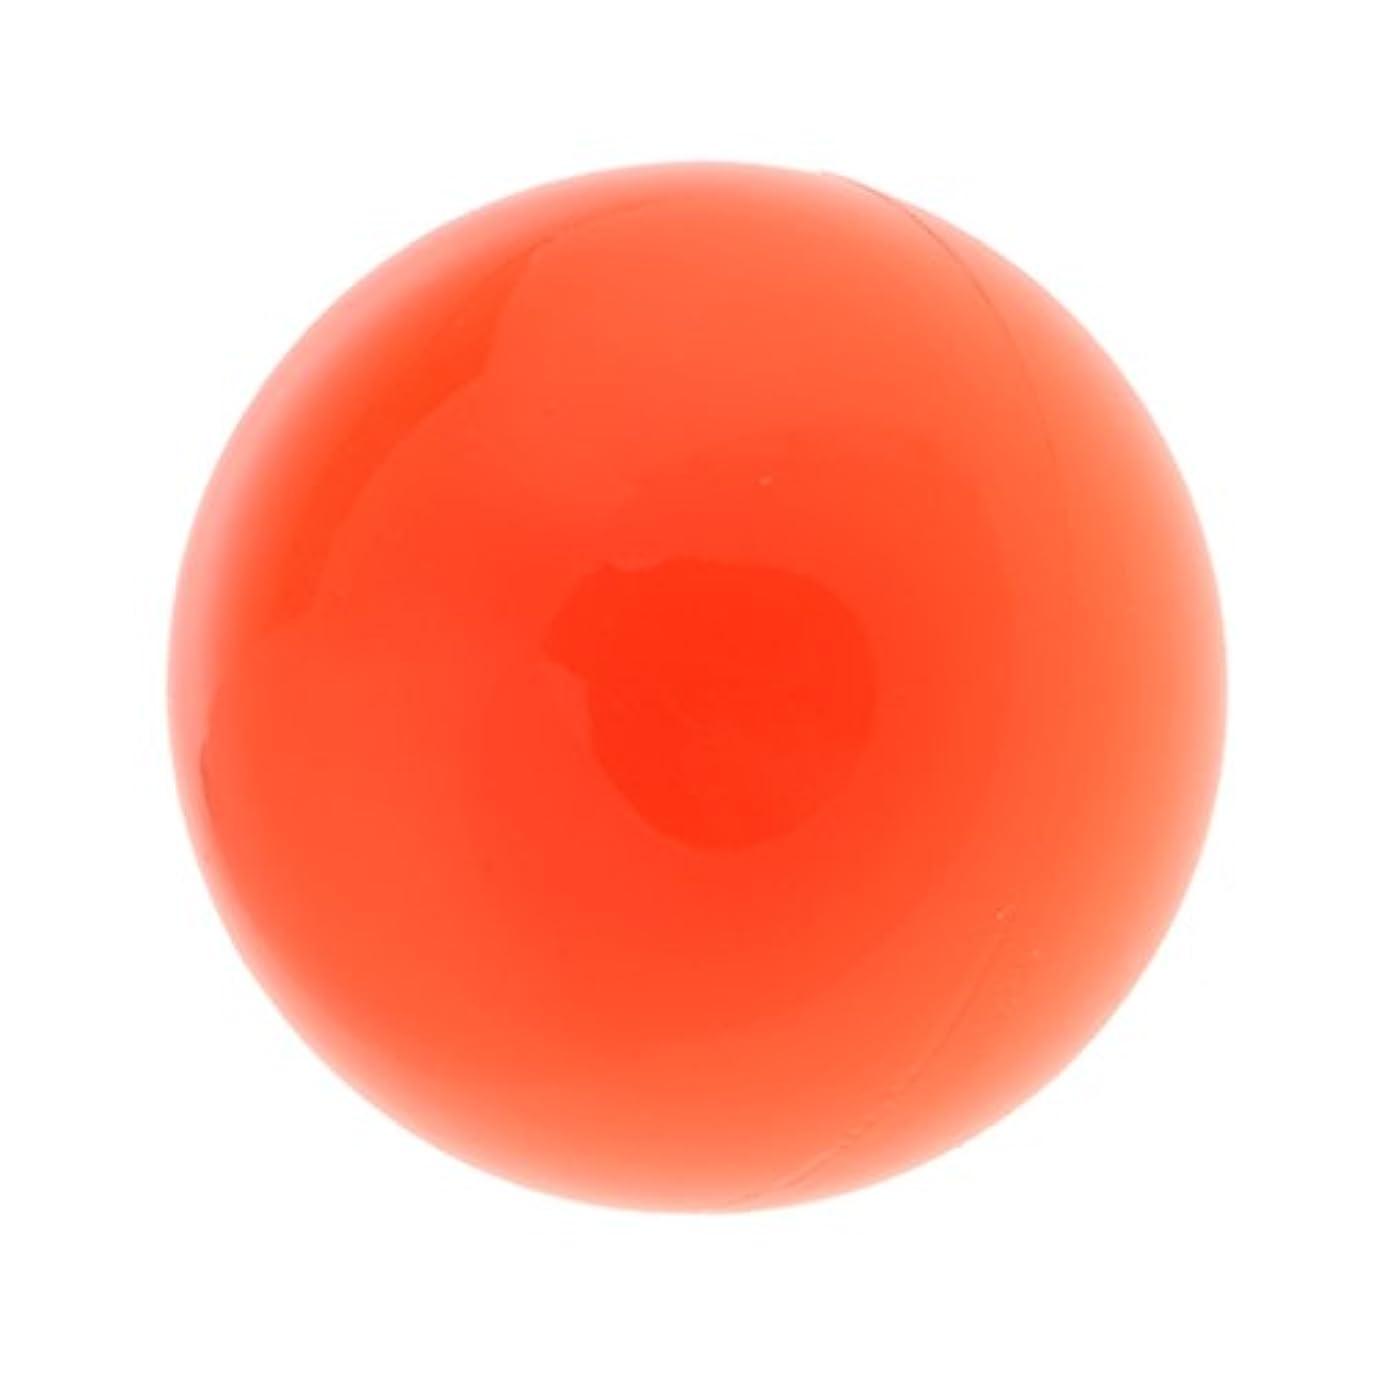 おんどりモナリザトラップsharprepublic 体育館の家の練習の練習のヨガの試しのための制動機ポイント自己マッサージの球